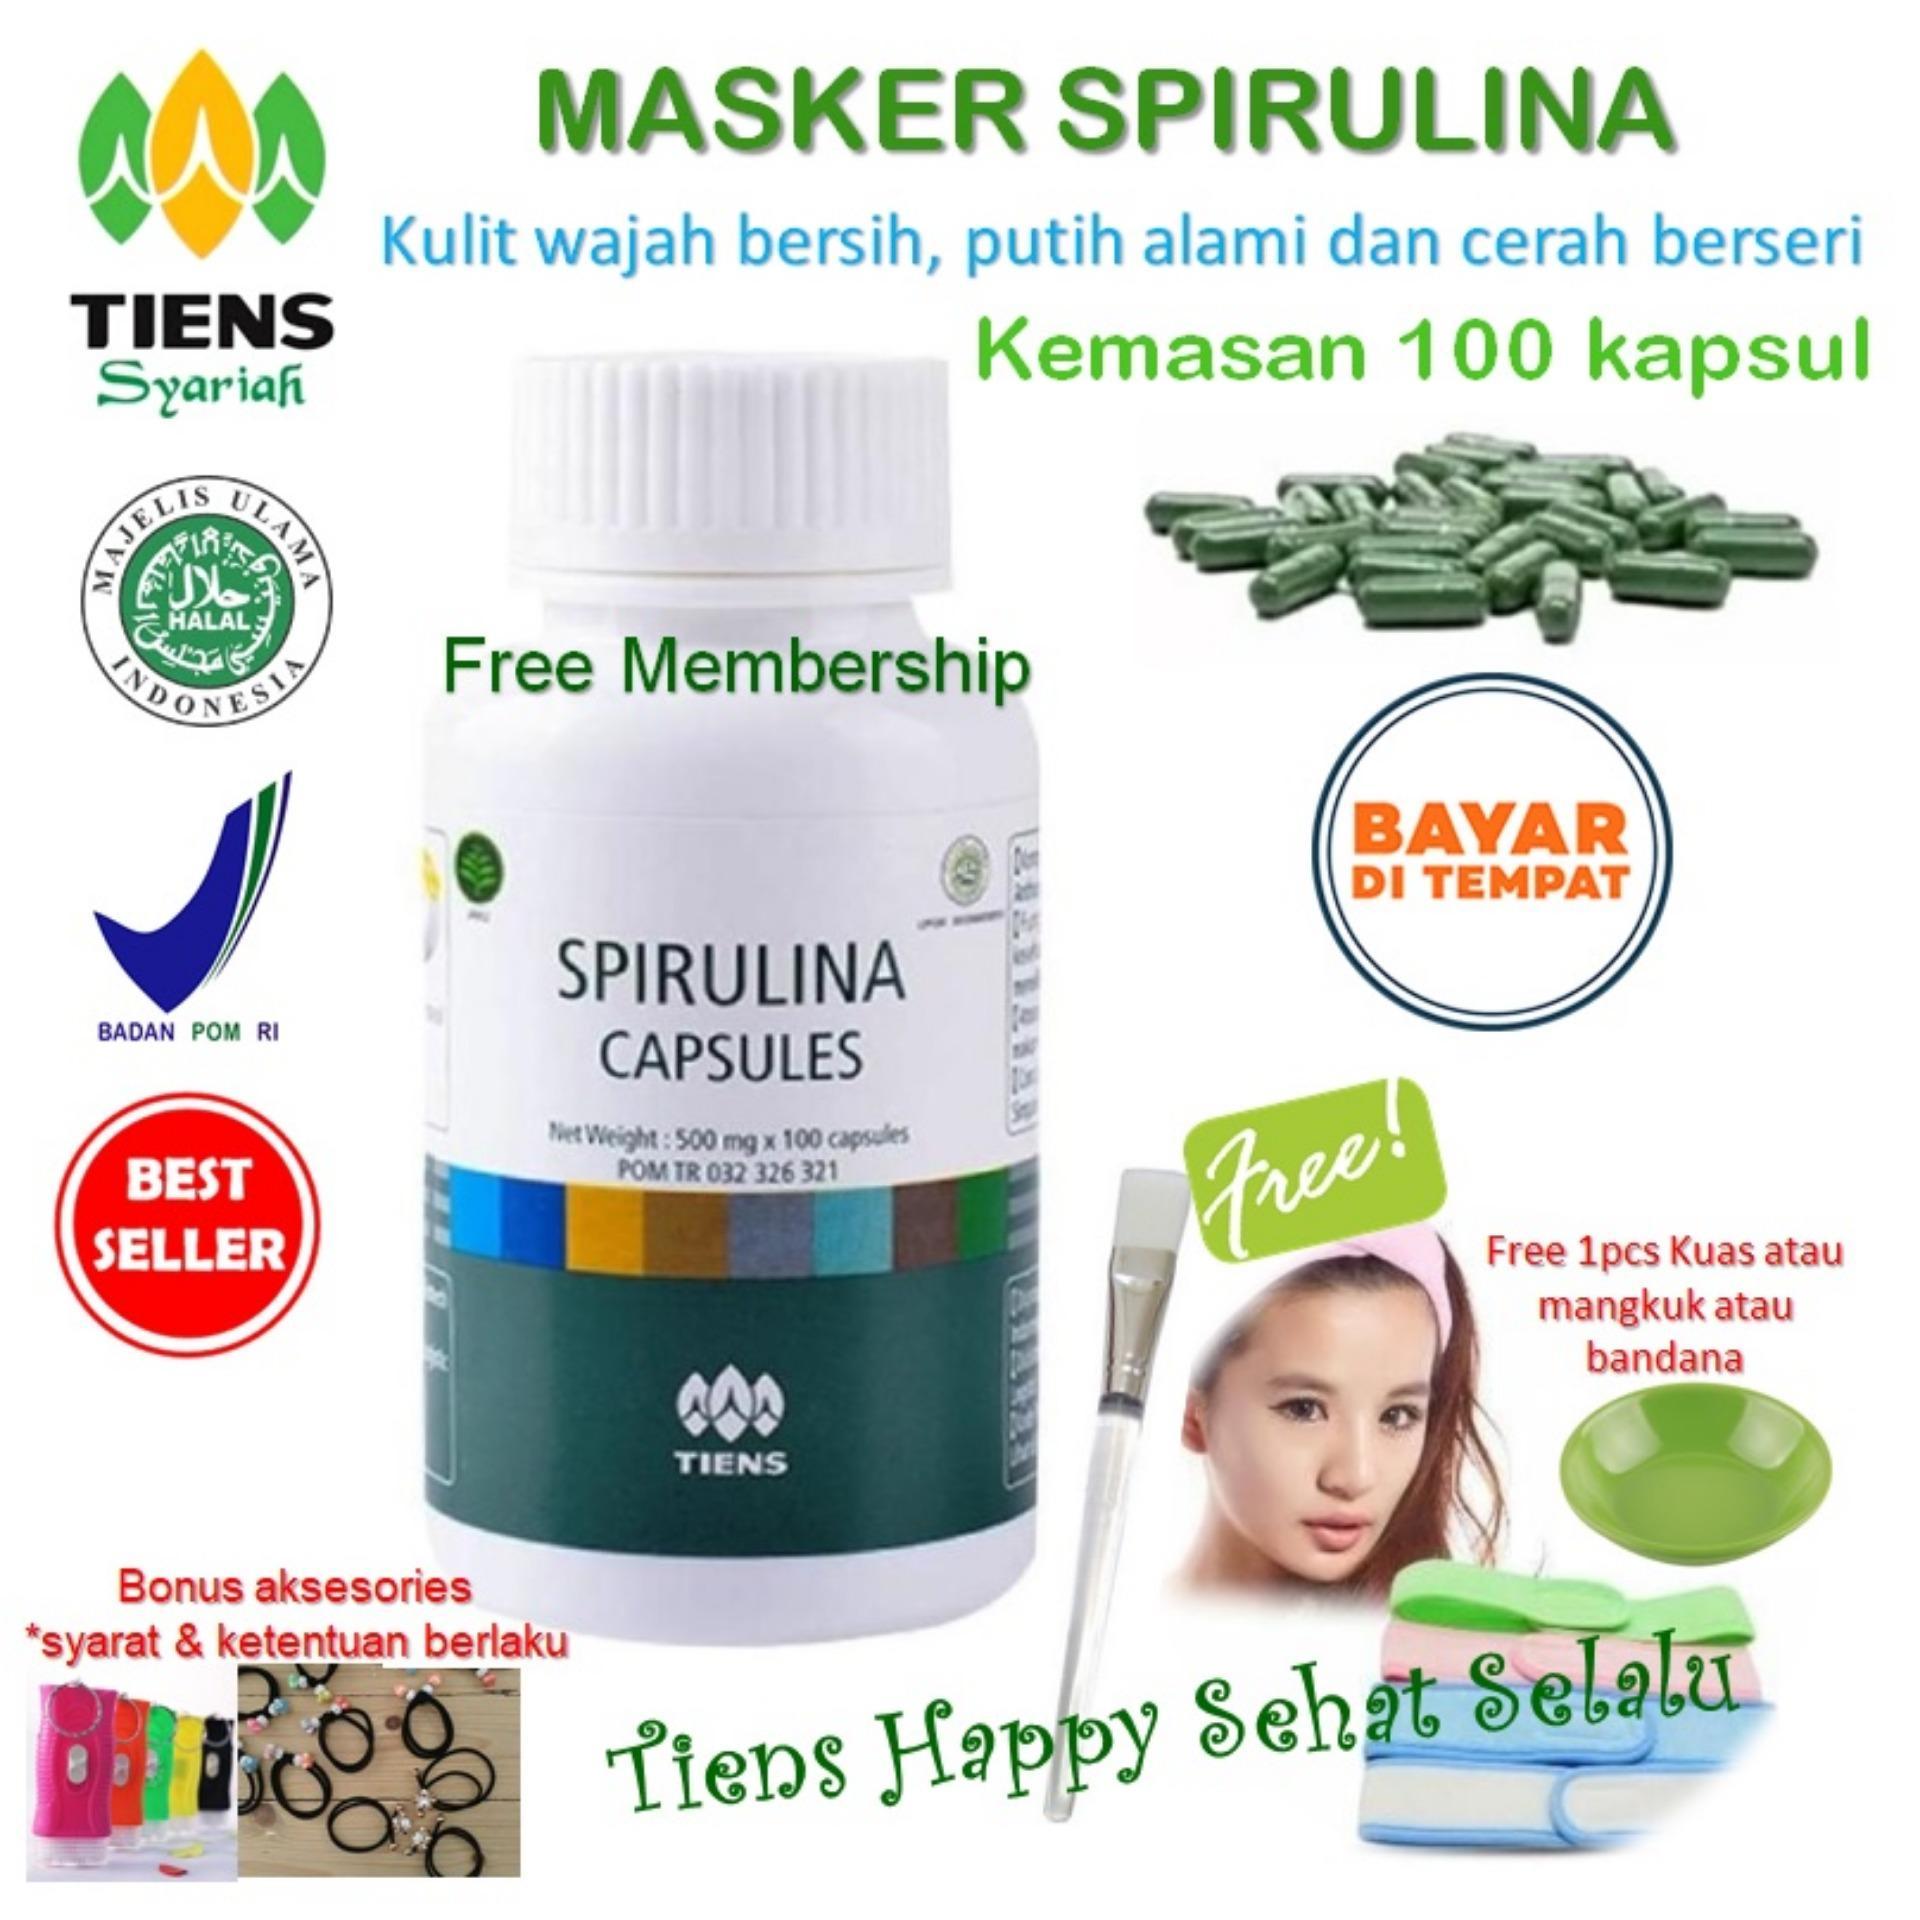 Beli Masker Tiens Spirulina Herbal Pemutih Wajah Isi 100 Kapsul Promo Tiens Dengan Harga Terjangkau